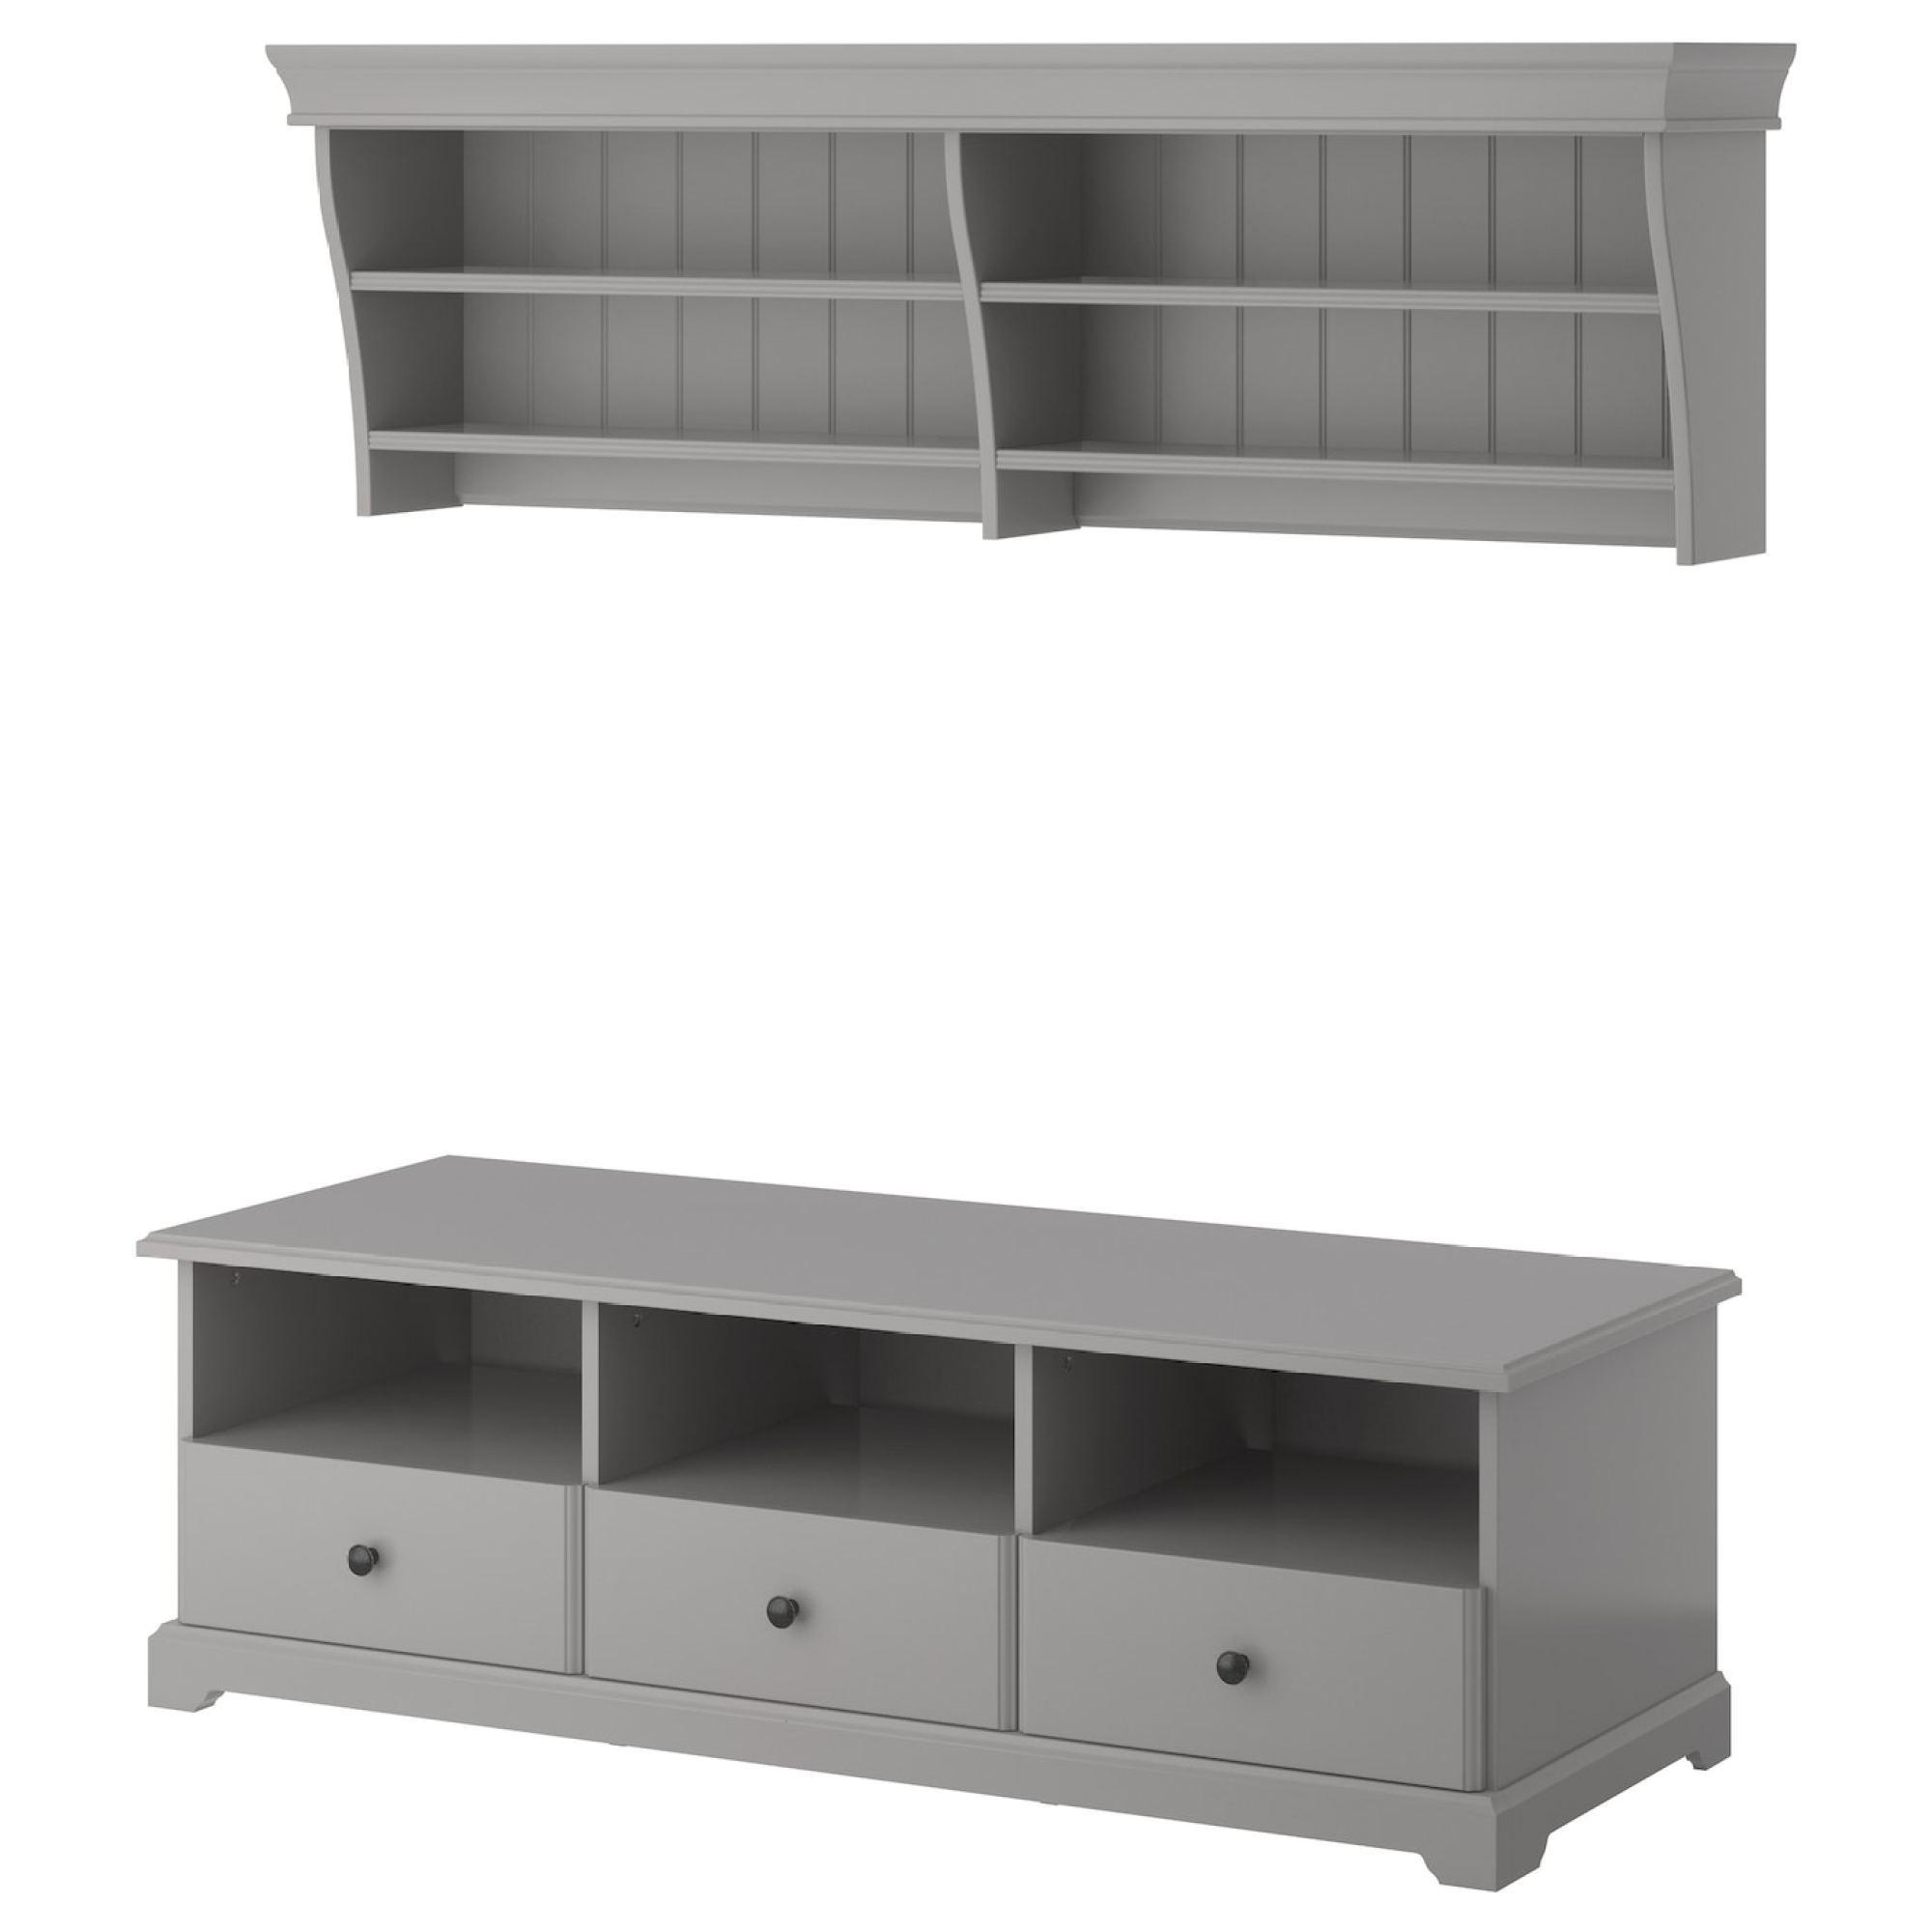 Full Size of Ikea Miniküche Betten 160x200 Modulküche Küche Kosten Sofa Mit Schlaffunktion Bei Kaufen Wohnzimmer Ikea Küchenwagen